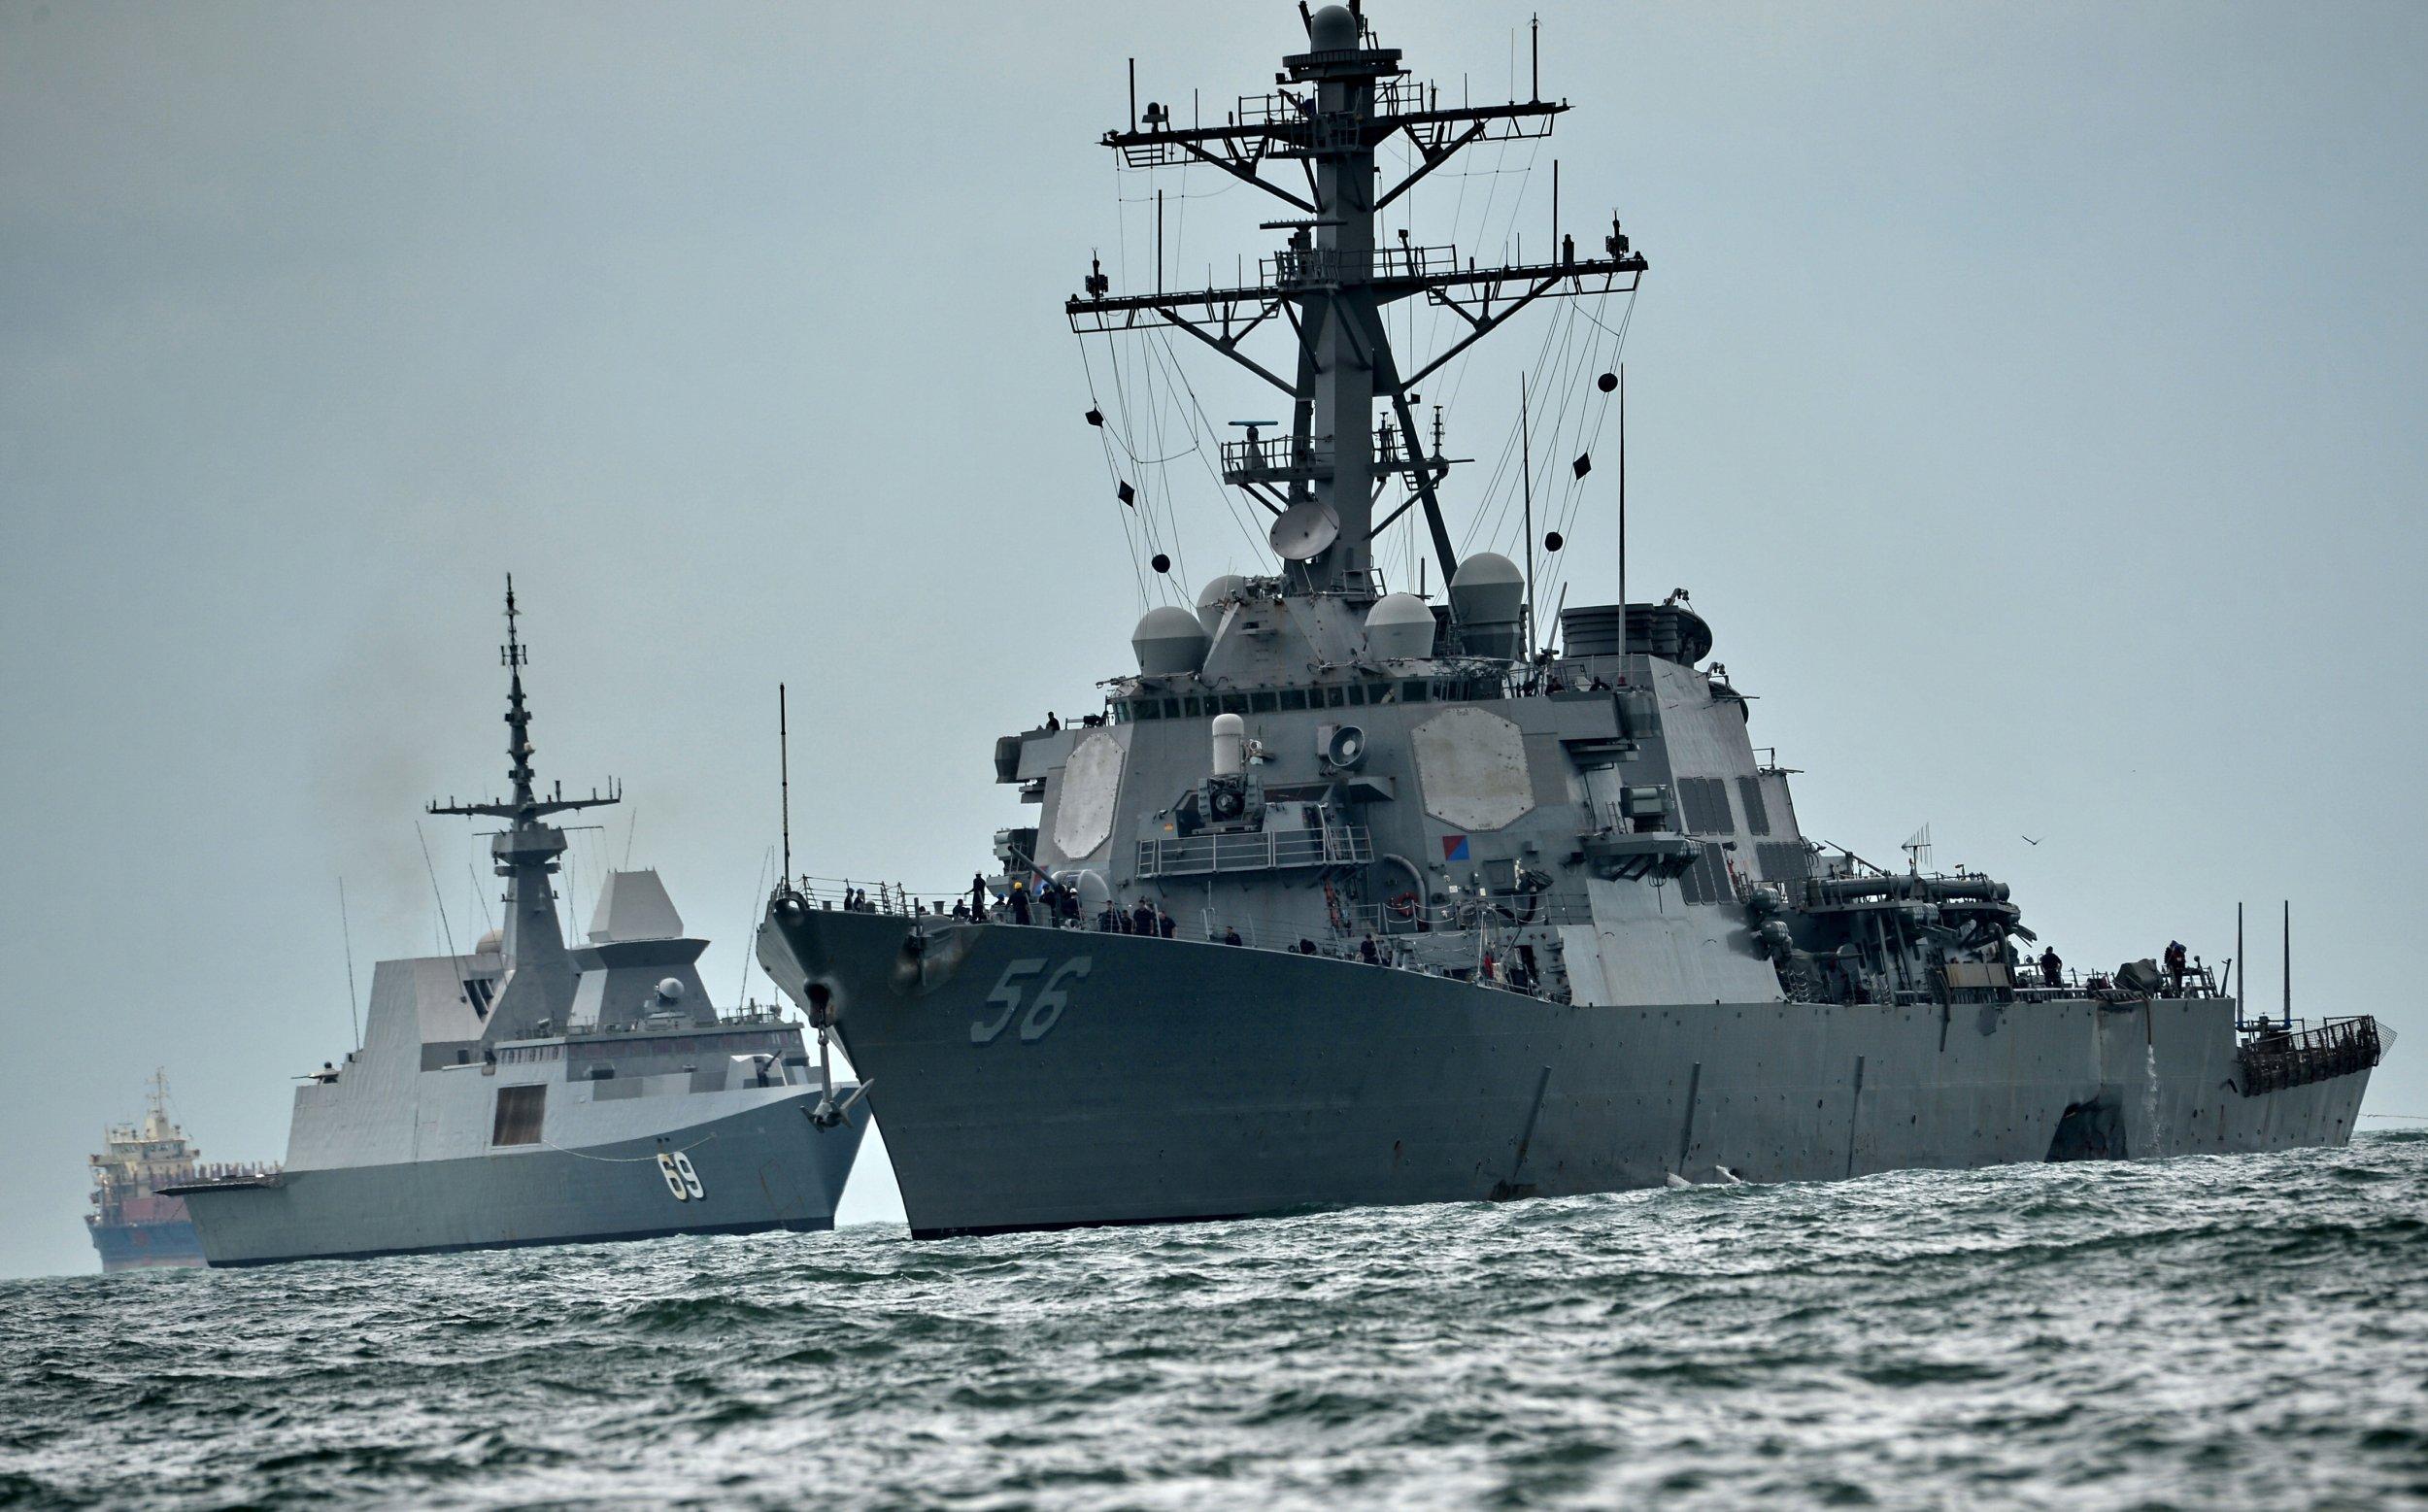 USS_John_McCain_Missile_Destroyer